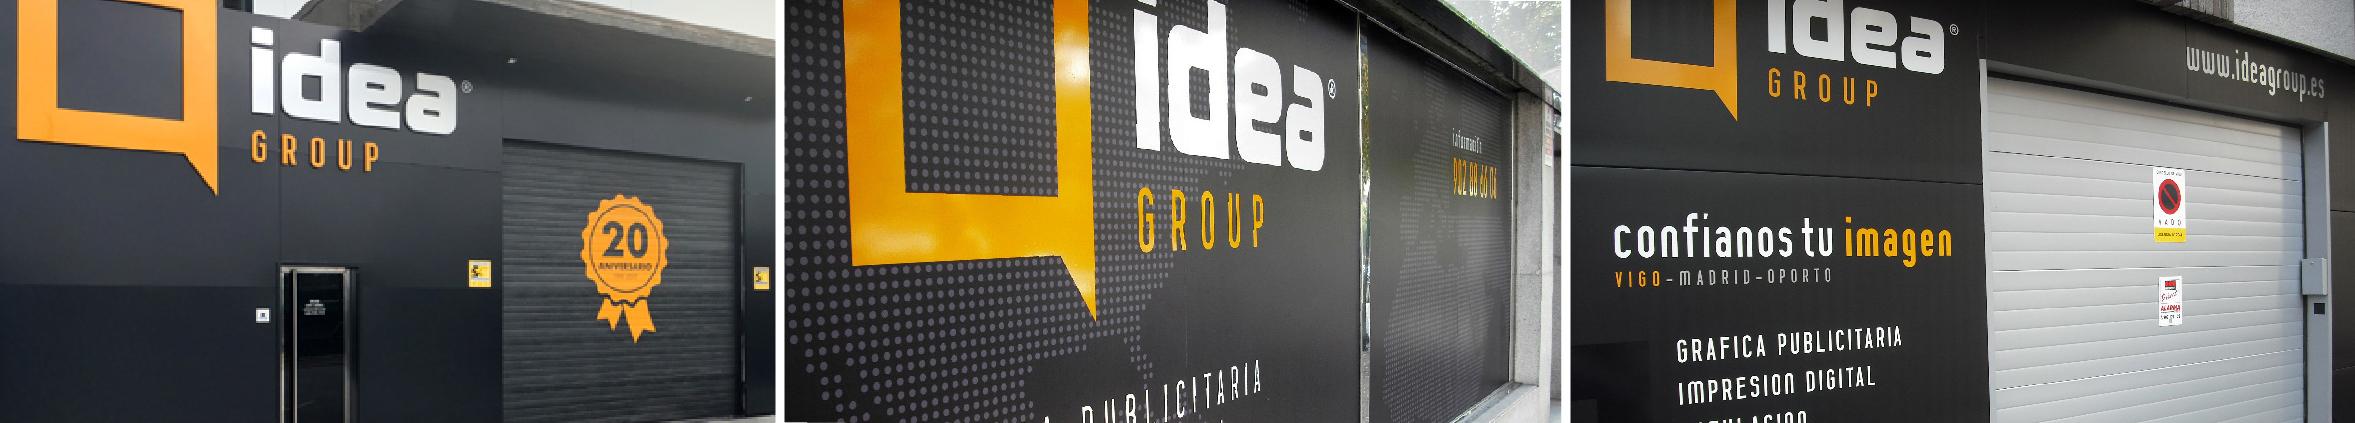 fachada franquicias ideagroup